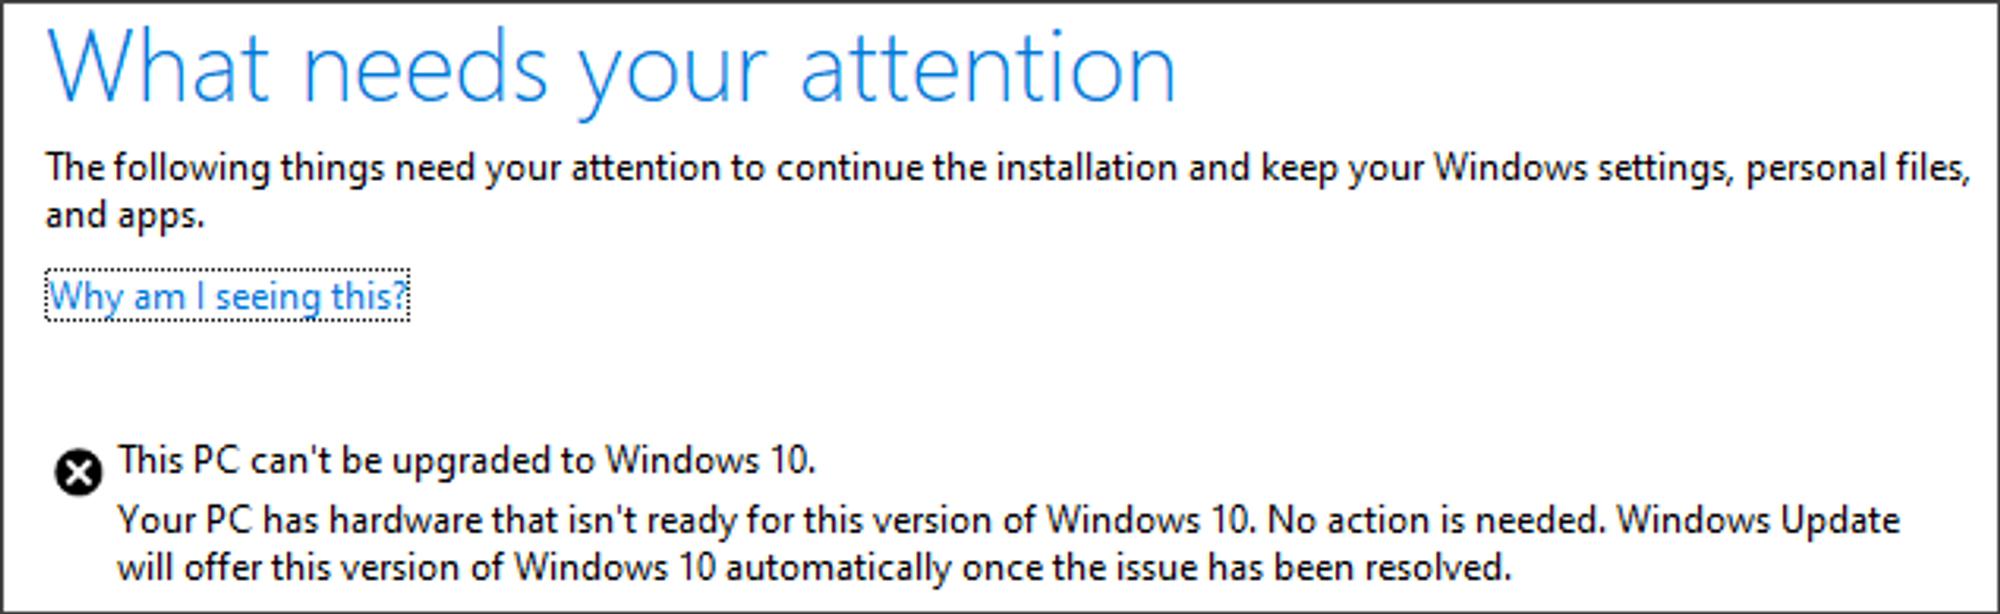 Feilmeldingen som kan bli vist under installasjonen av Windows 10 May 2019 Update dersom eksterne lagringsenheter er tilkoblet PC-en.